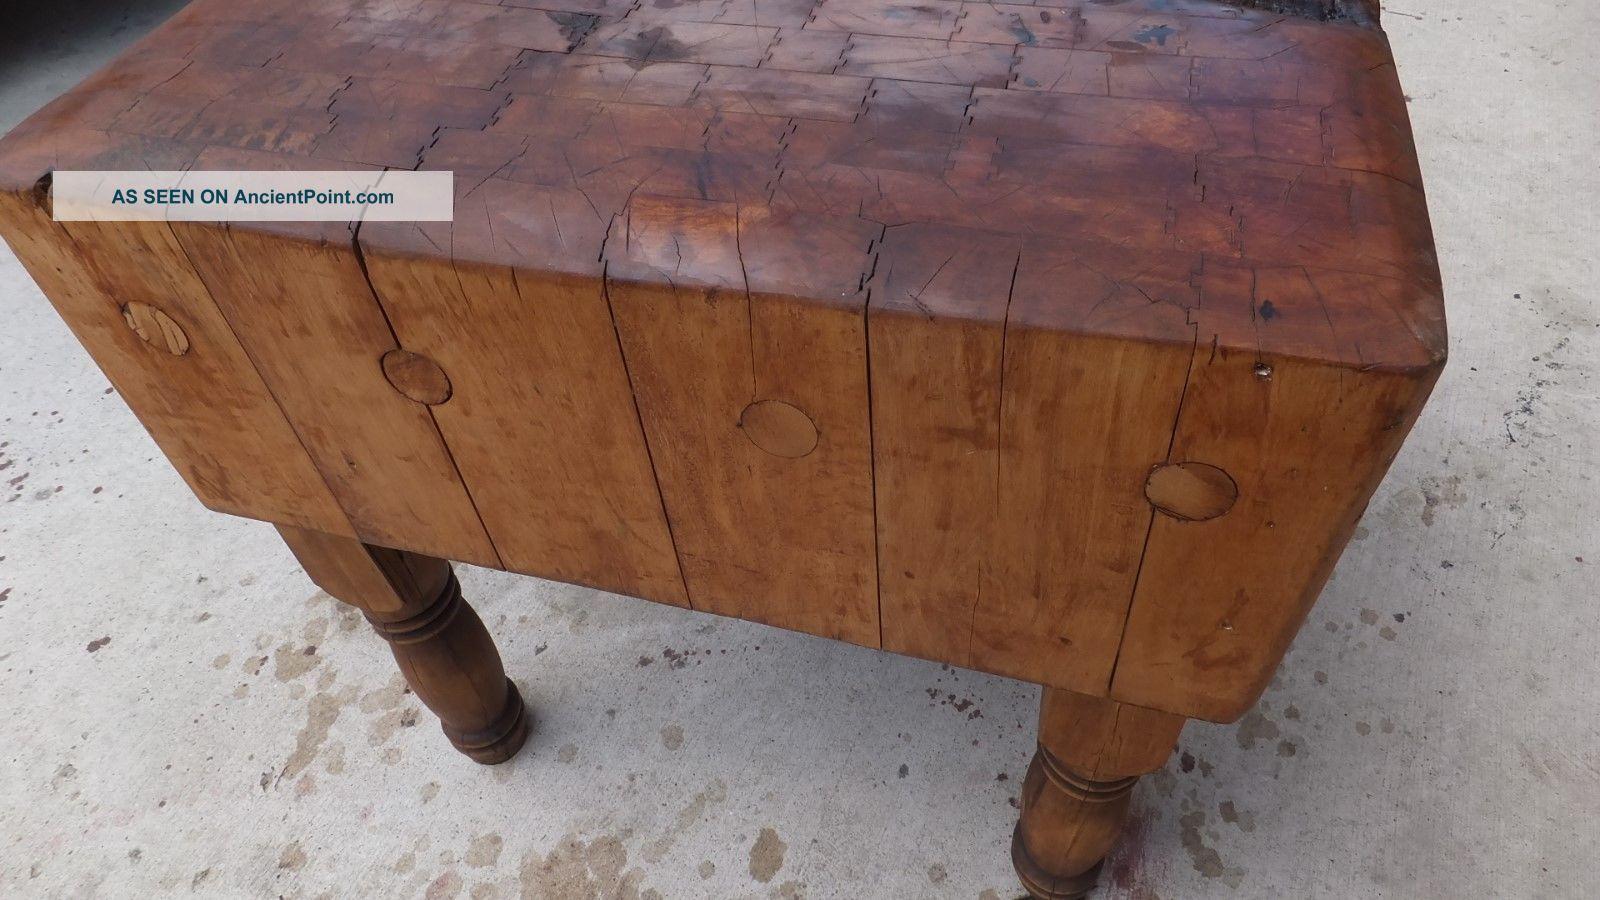 Le Gourmand Butcher Block Table ... Antique vintage butcher block table. on antique asian furniture chairs